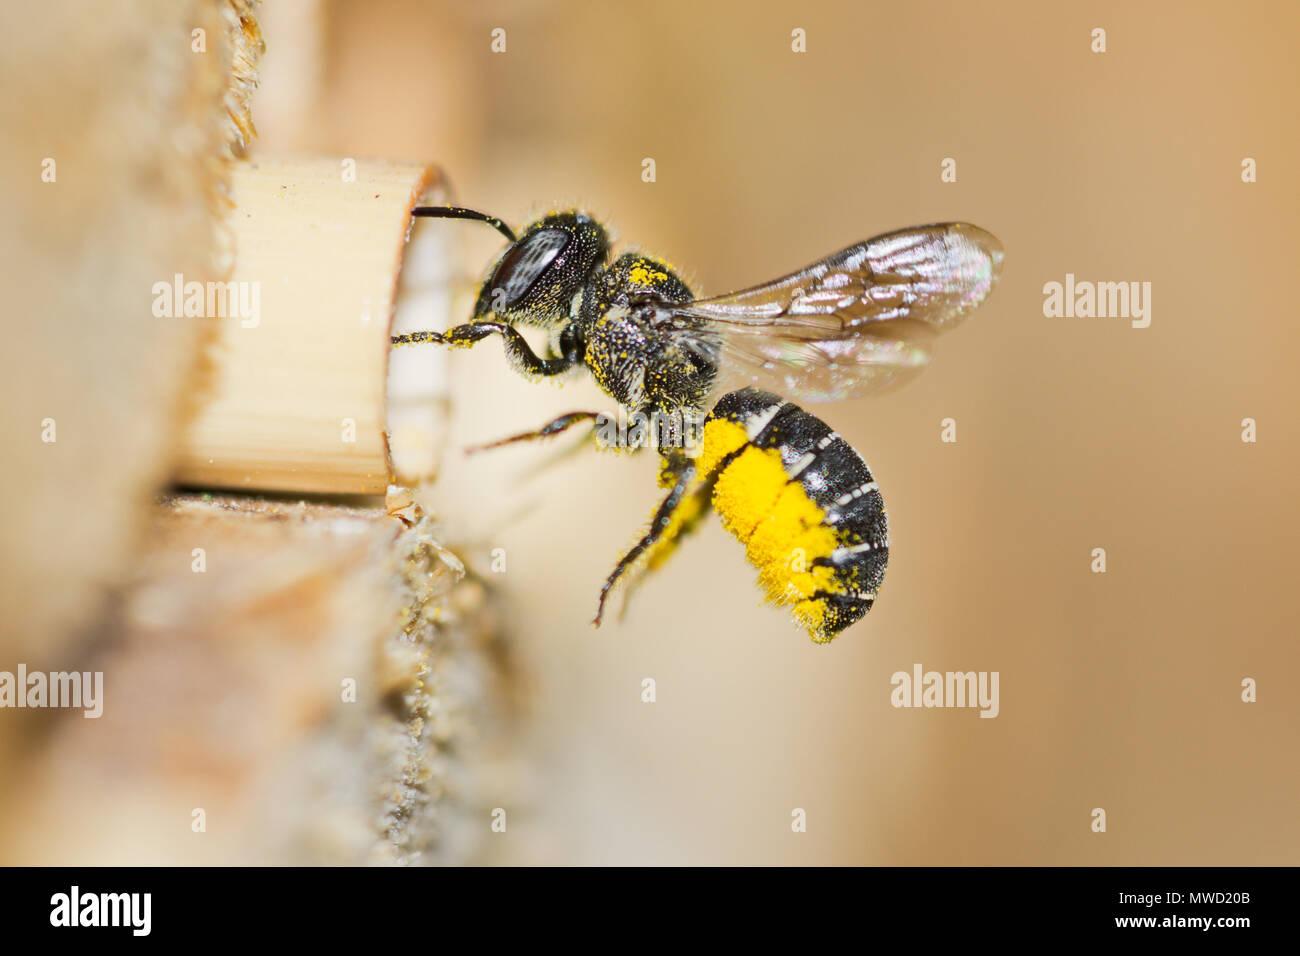 Femmina resina solitaria ape (Heriades crenulatus) si avvicina un insetto hotel per portare il giallo il polline dei fiori aster per il suo nido in una cava levetta reed. Immagini Stock